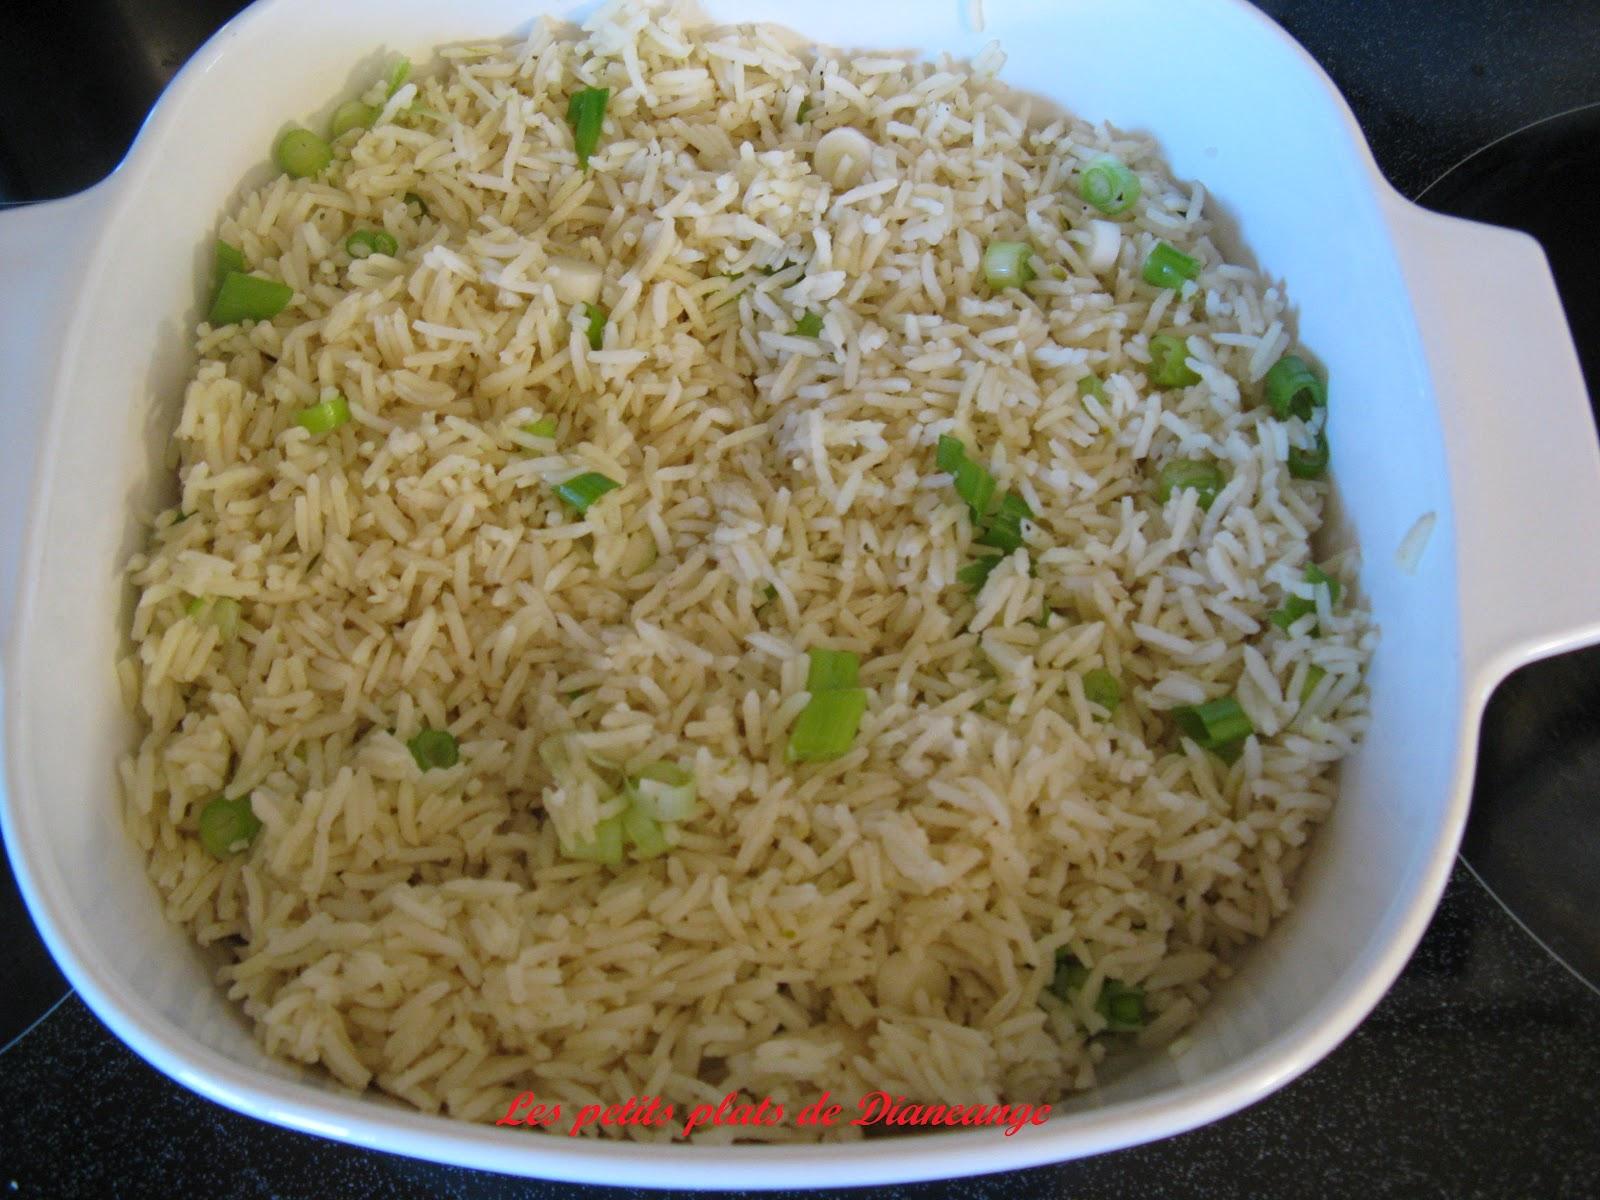 Les petits plats de diane ange riz la lime - Absorber l humidite avec du riz ...